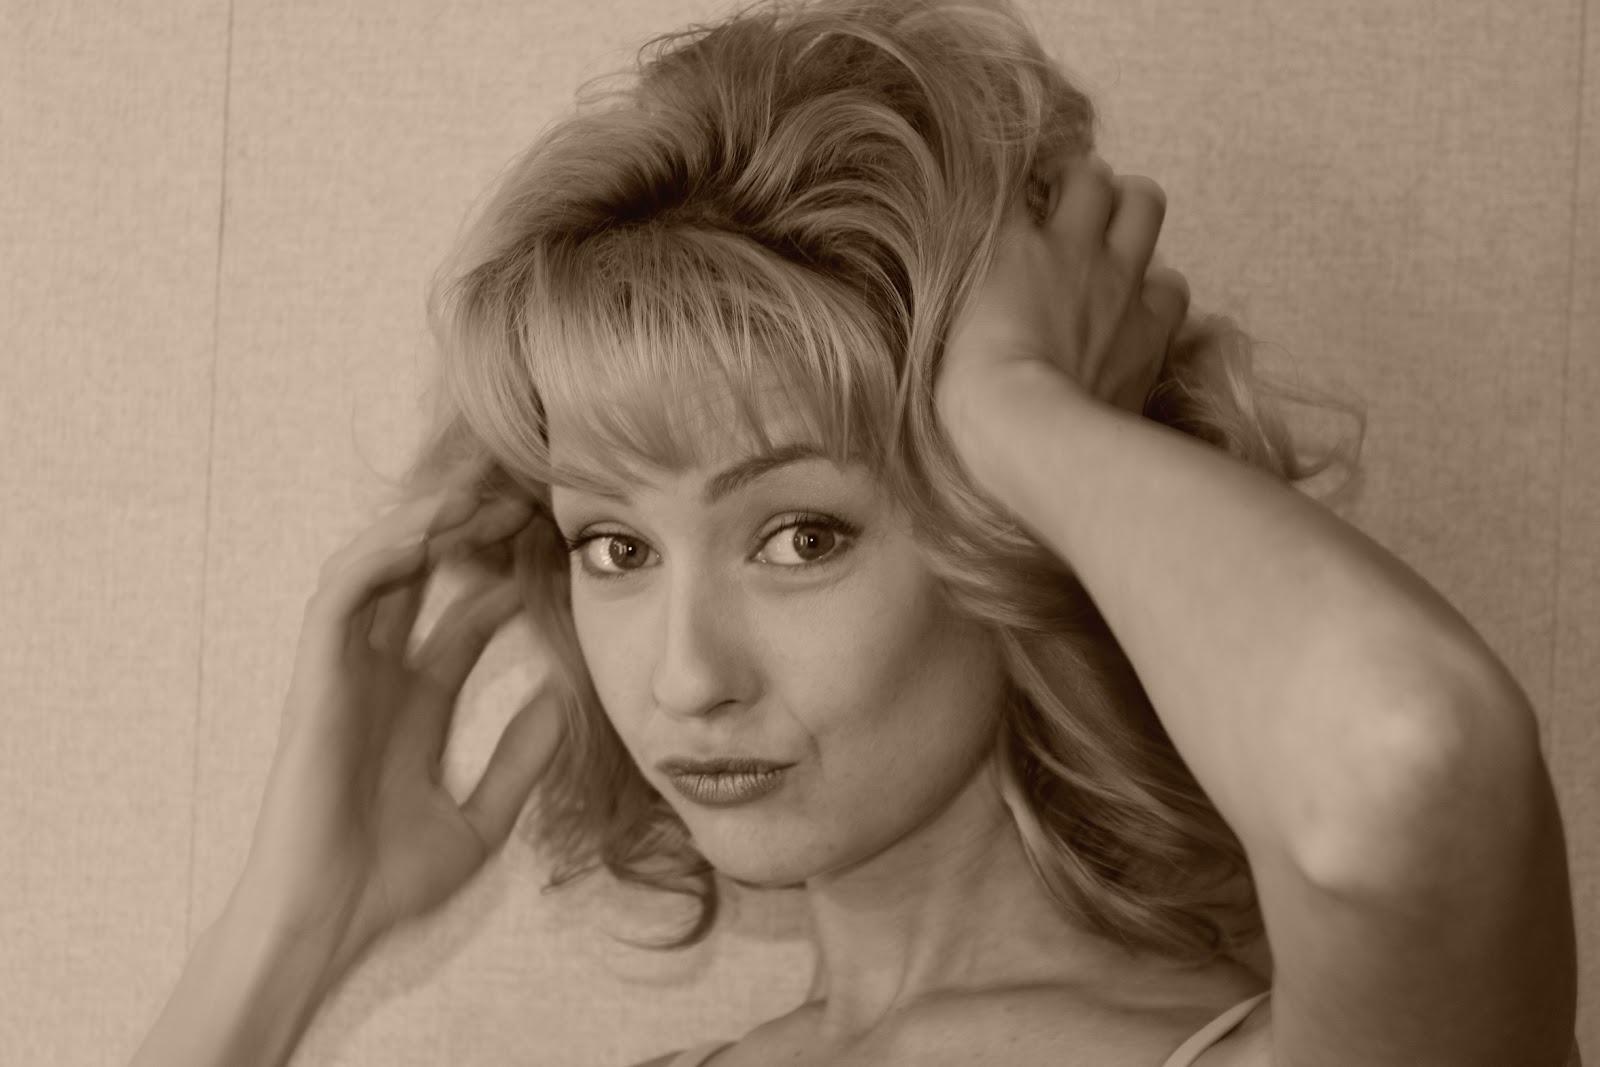 Актриса евгения лоза биография личная жизнь фото